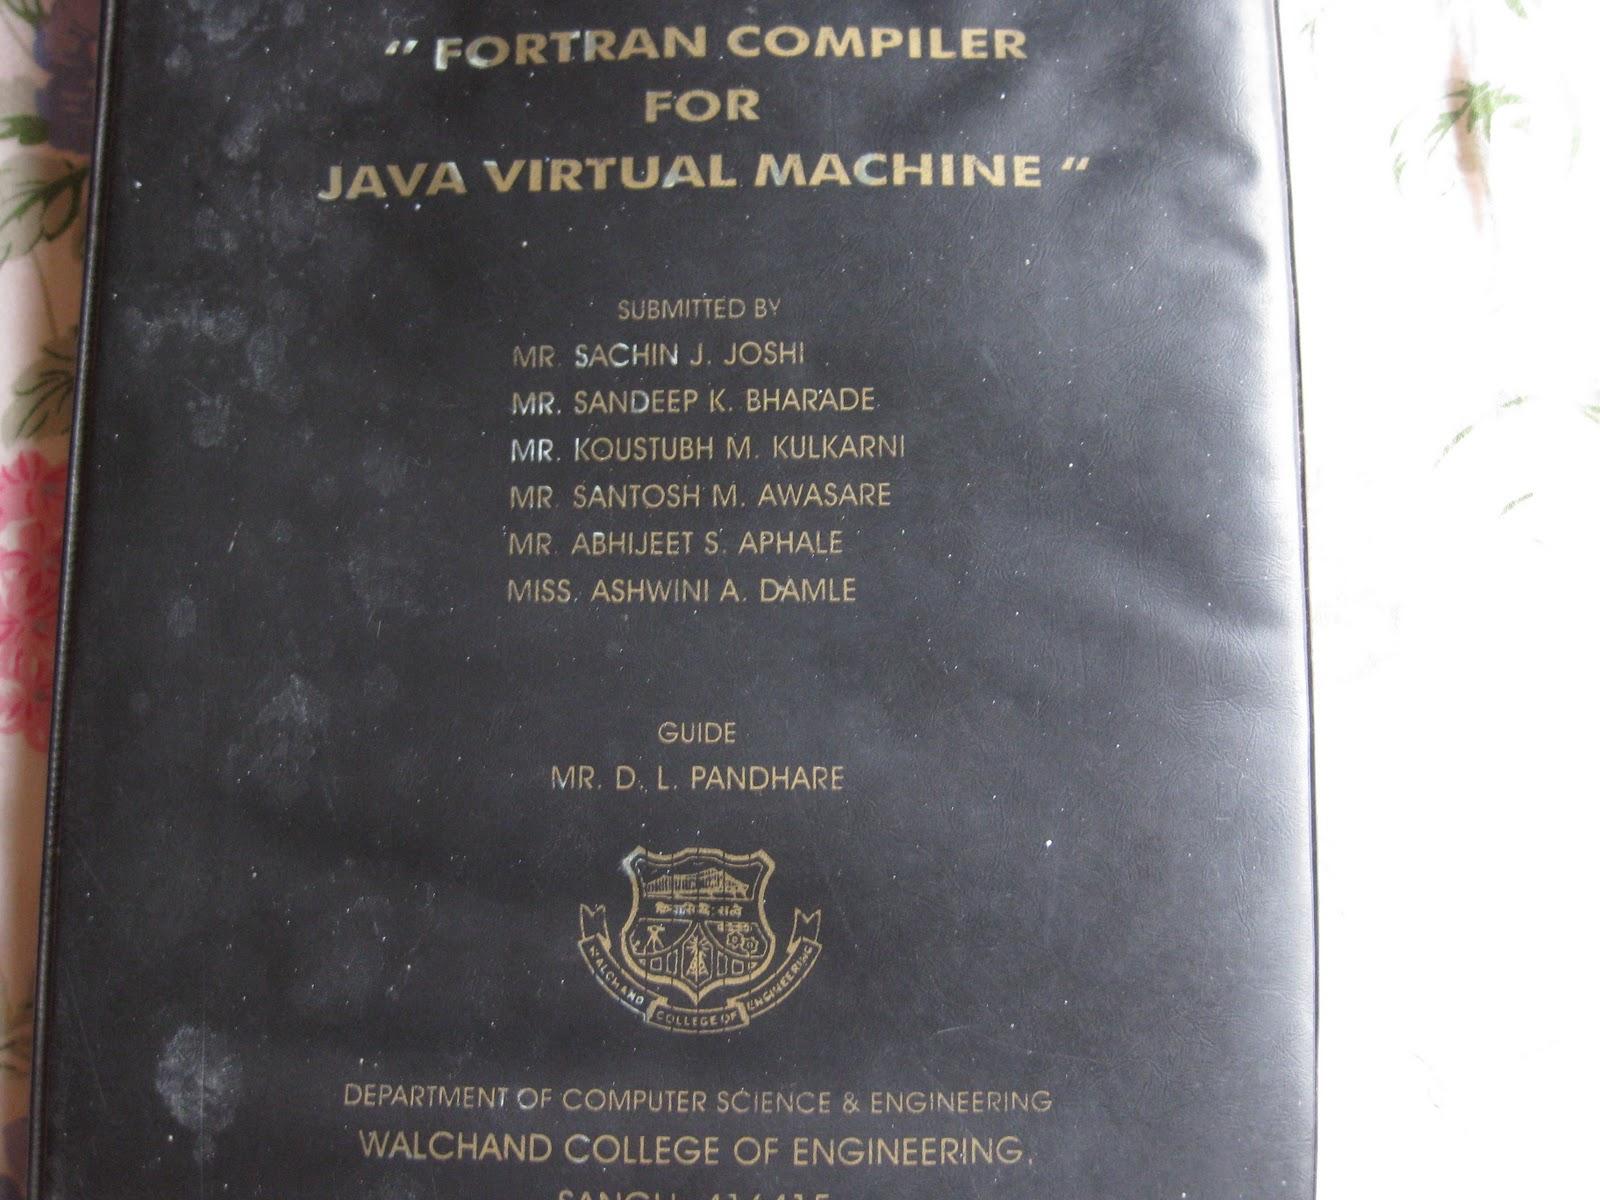 http://2.bp.blogspot.com/_v6CmF_vvibE/TTynHPJDiQI/AAAAAAAAAAk/PYr6N20s3ng/s1600/ProjectCover.JPG